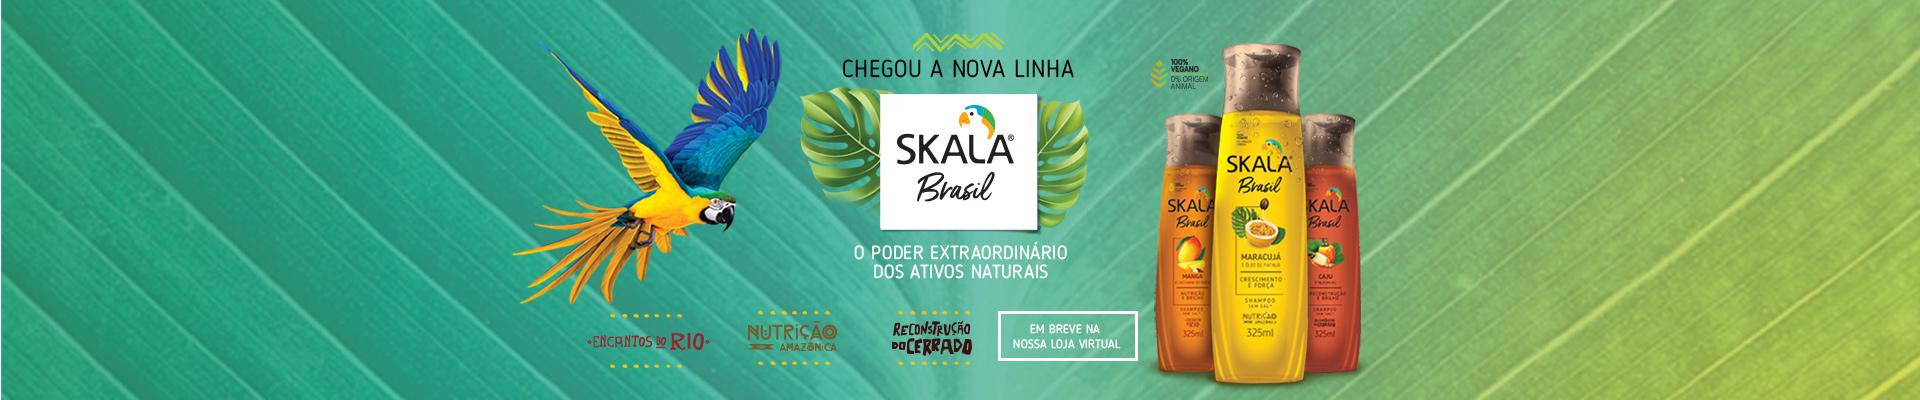 Skala Brasil